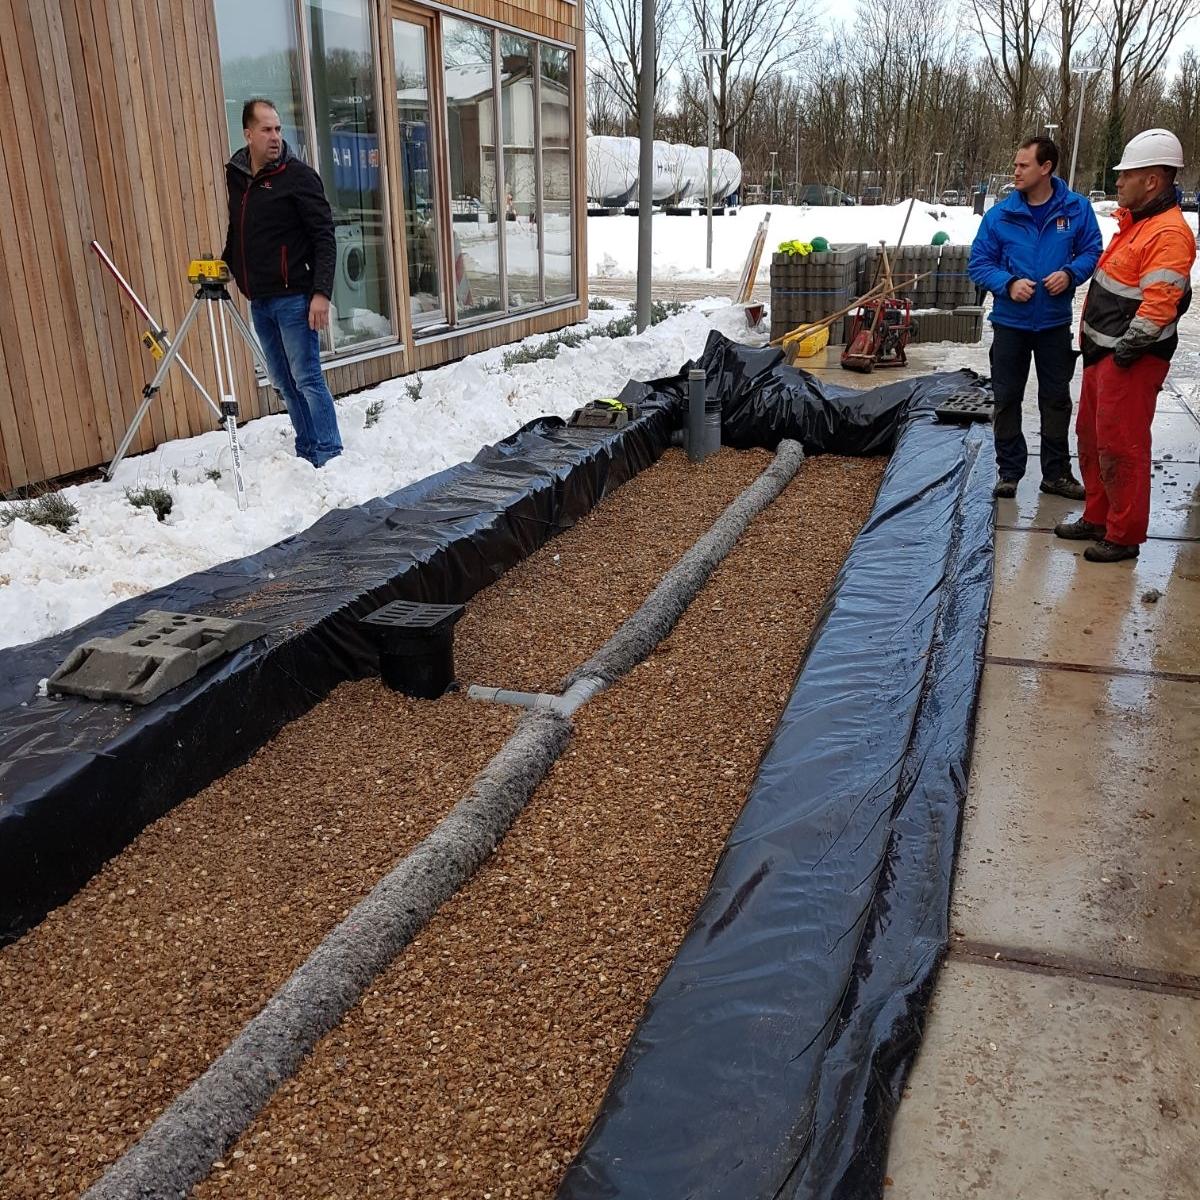 Toepassing van de Urban Rainshell in de WaterStraat. Het folie is toegepast om een slecht infiltrerende kleigrond te simuleren.